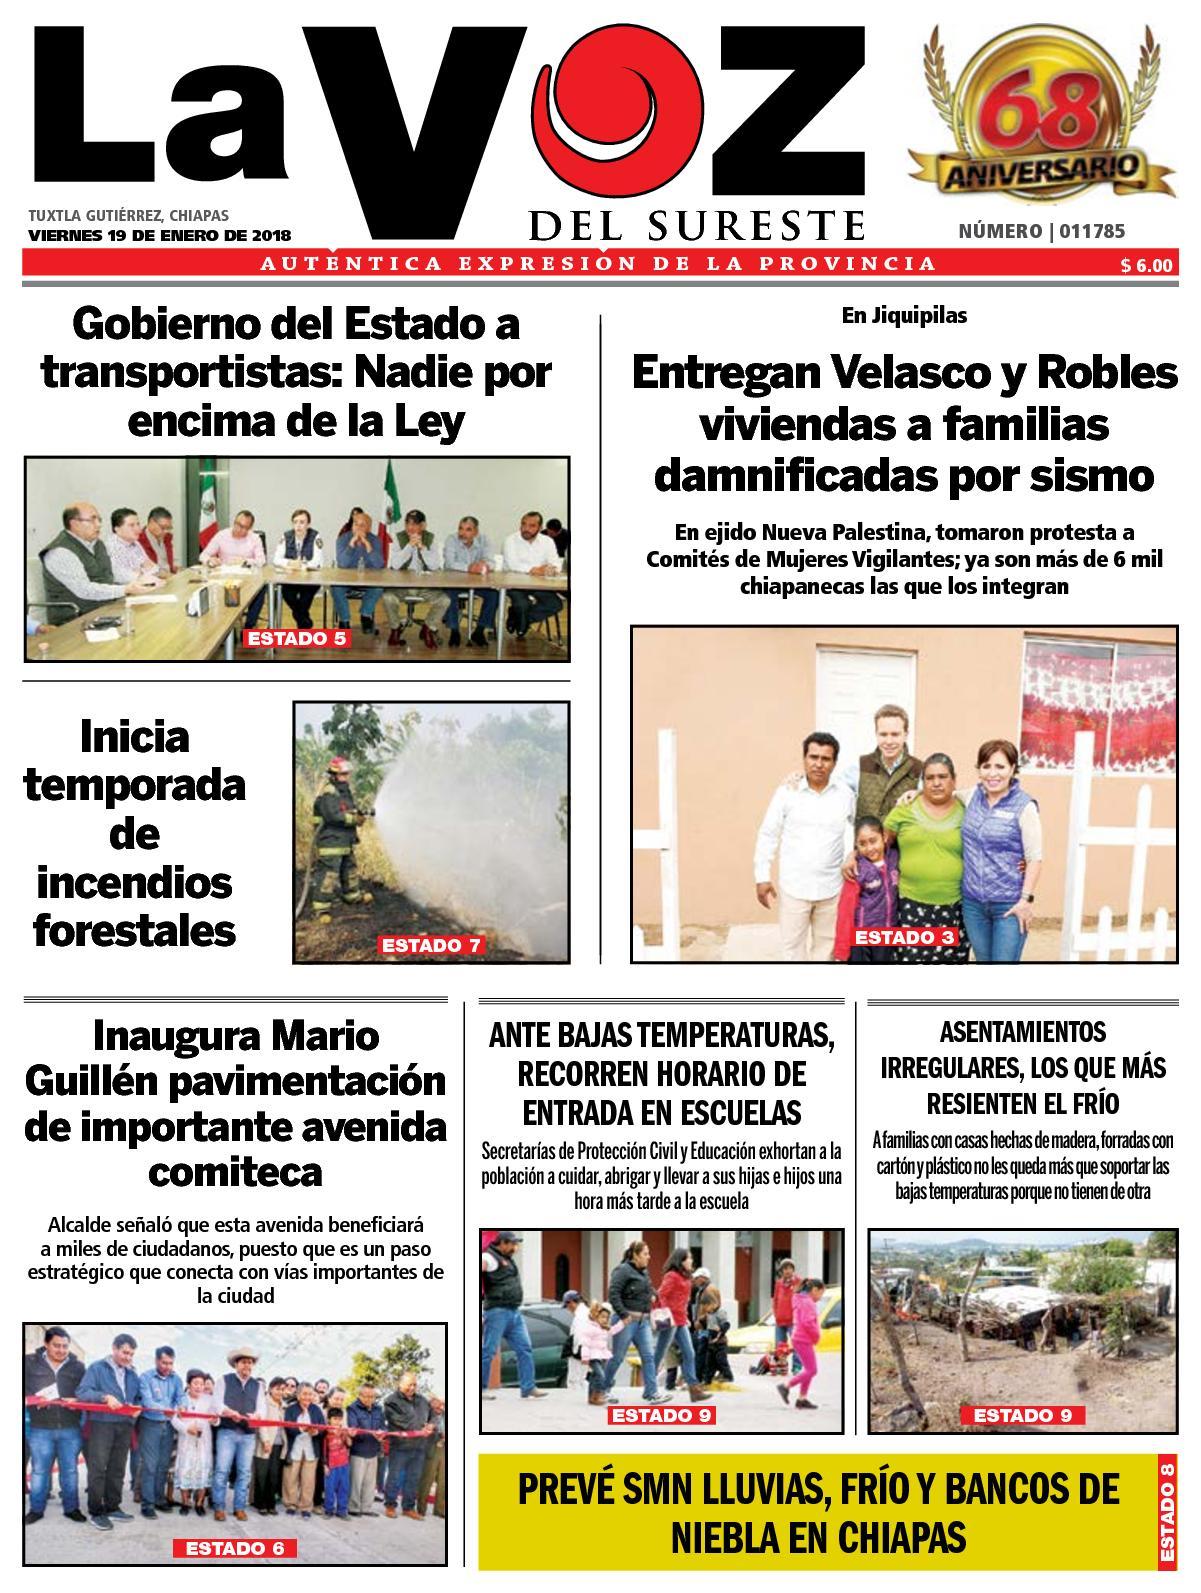 Sureste La Diario Voz Del Calaméo wIF7UqxpnF